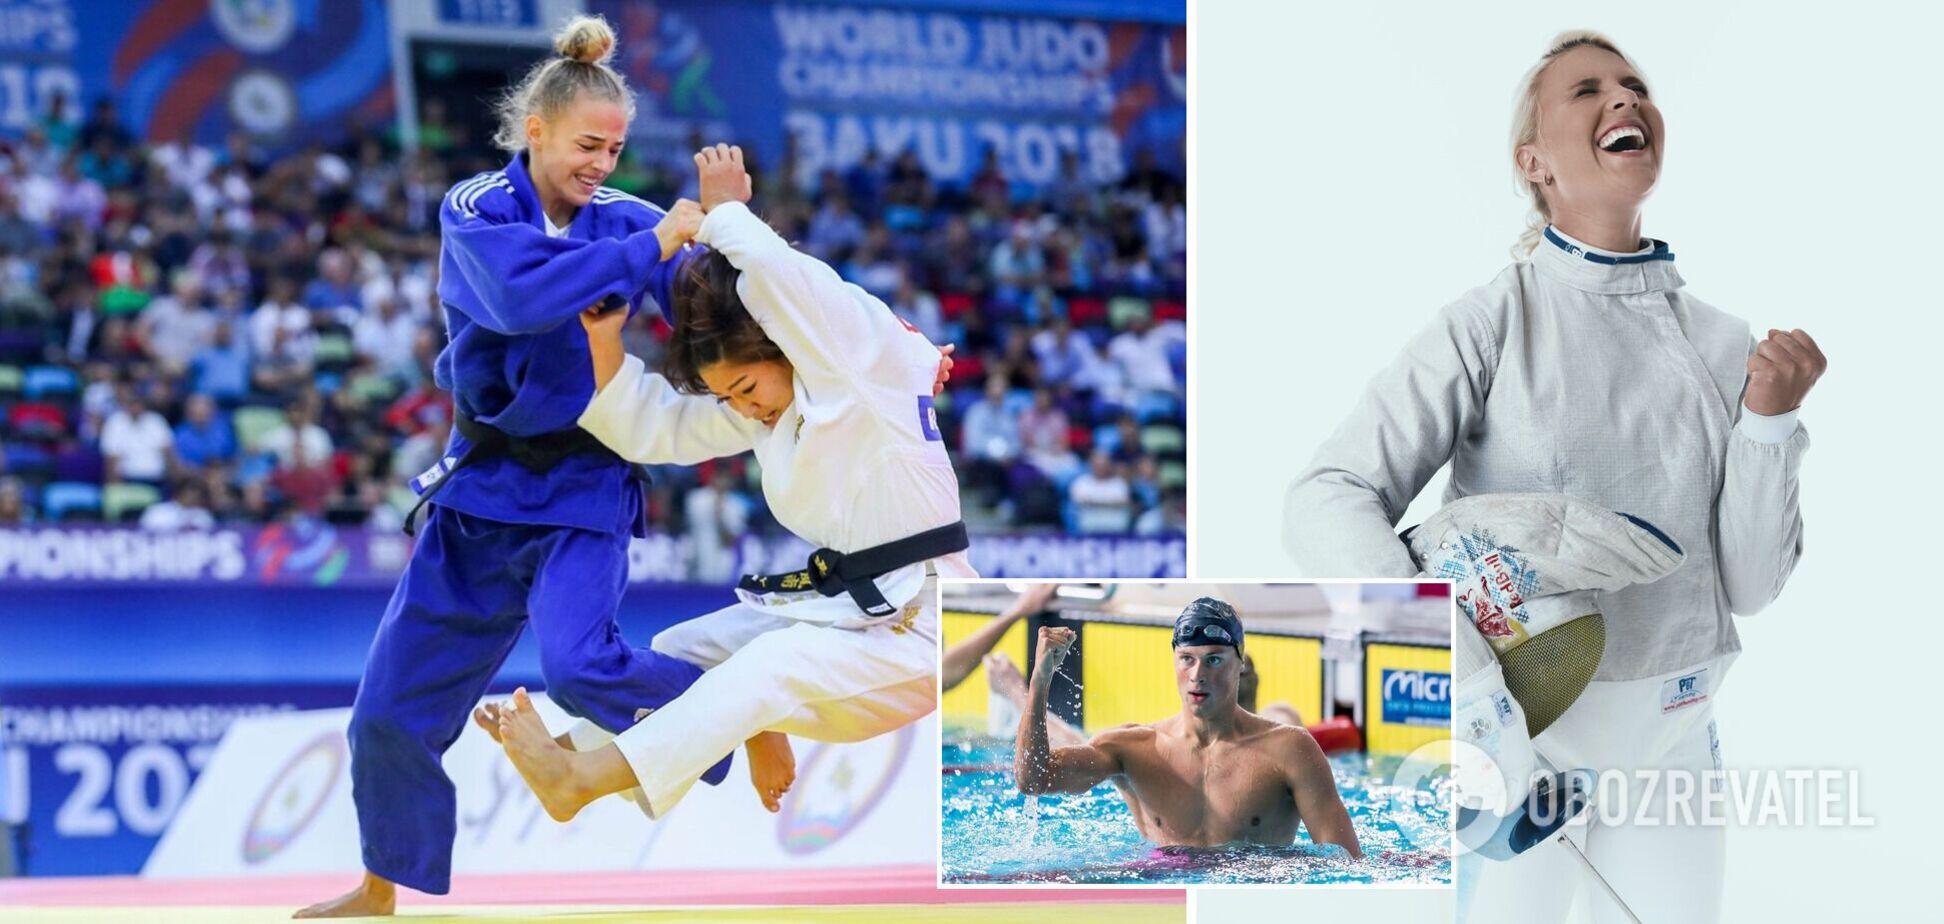 Олімпіада-2020: хто в збірній України претендує на 'золото' і медалі